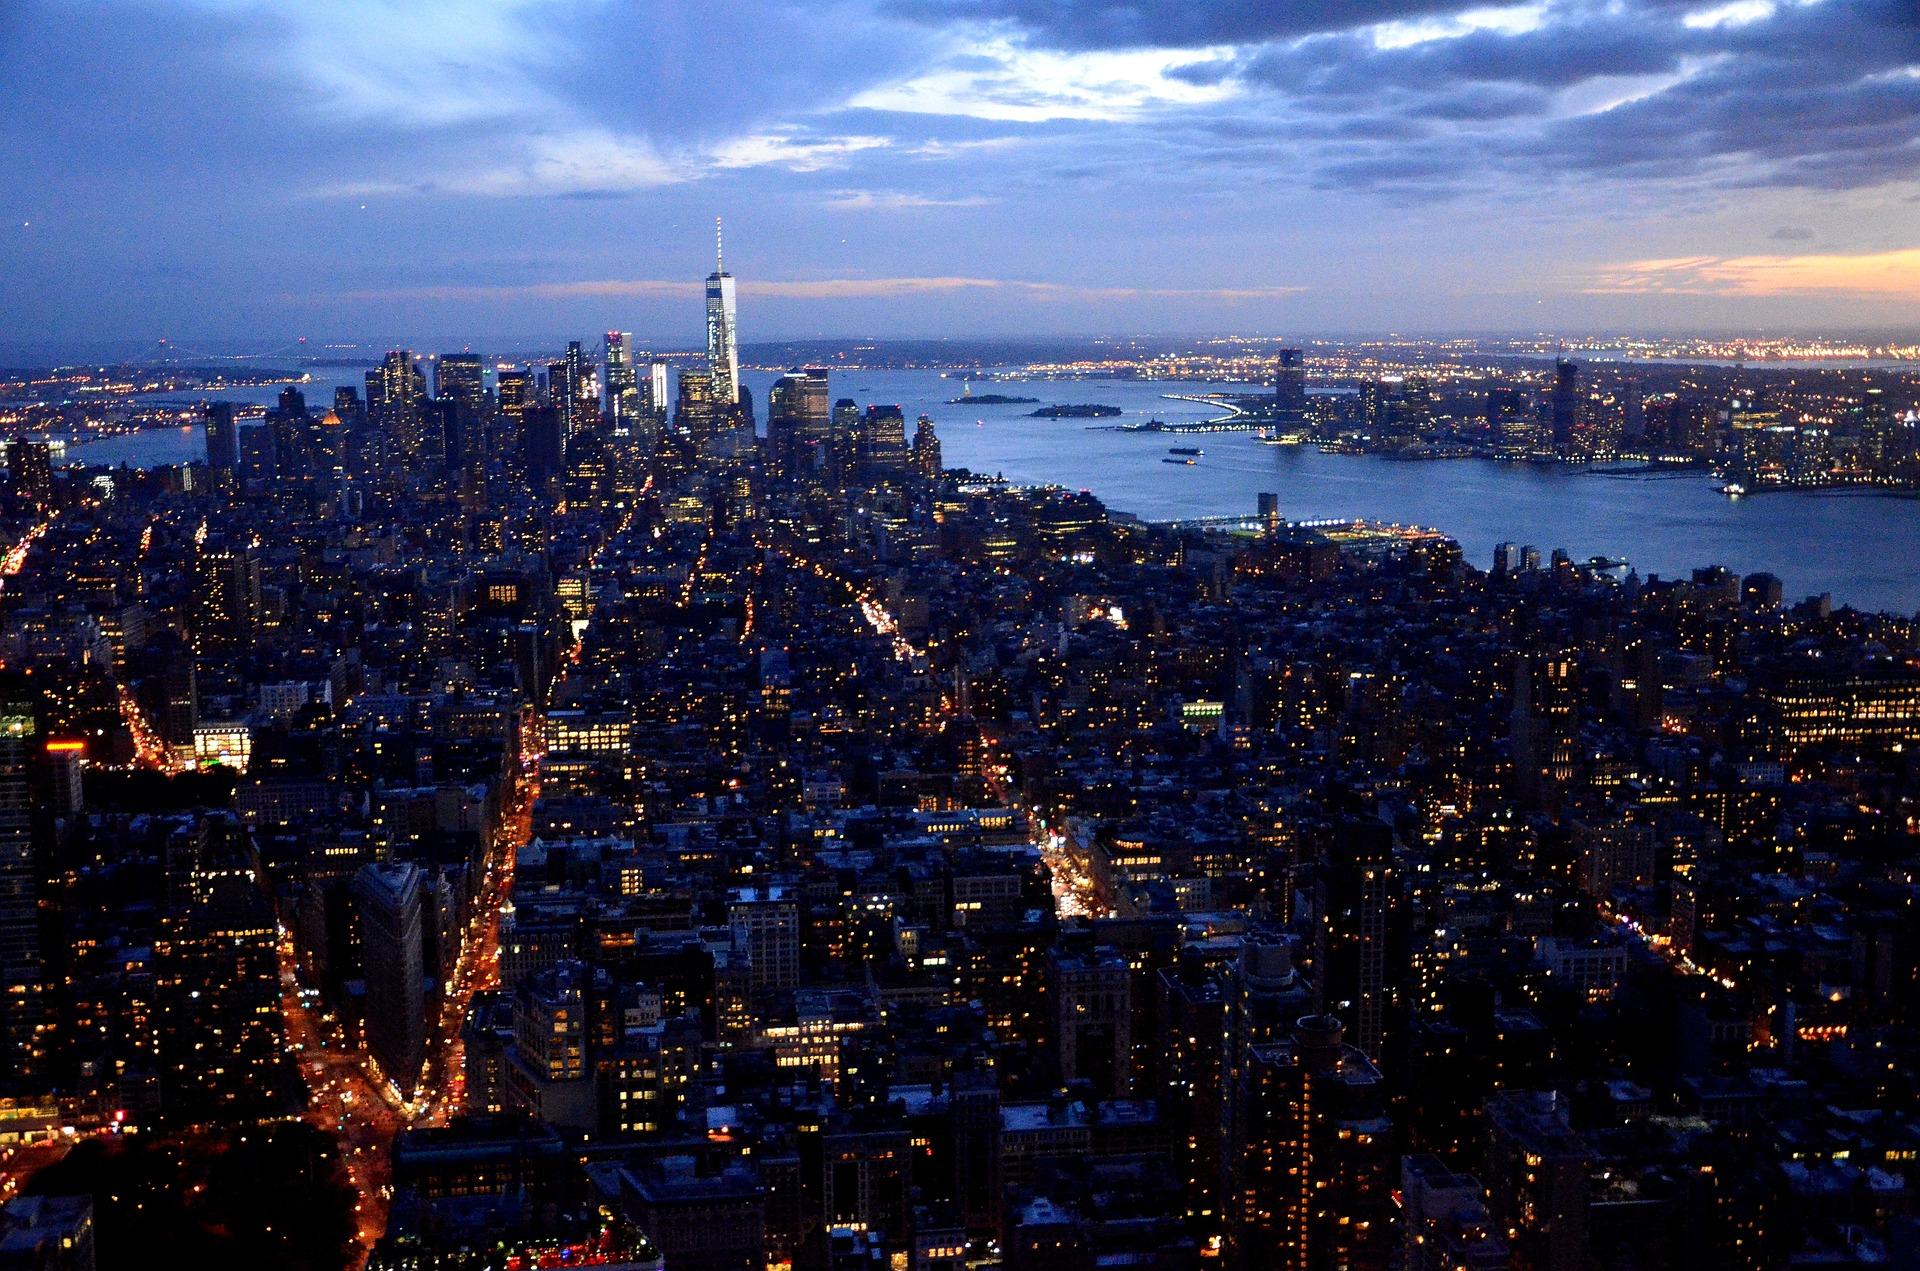 New York City, NY at night